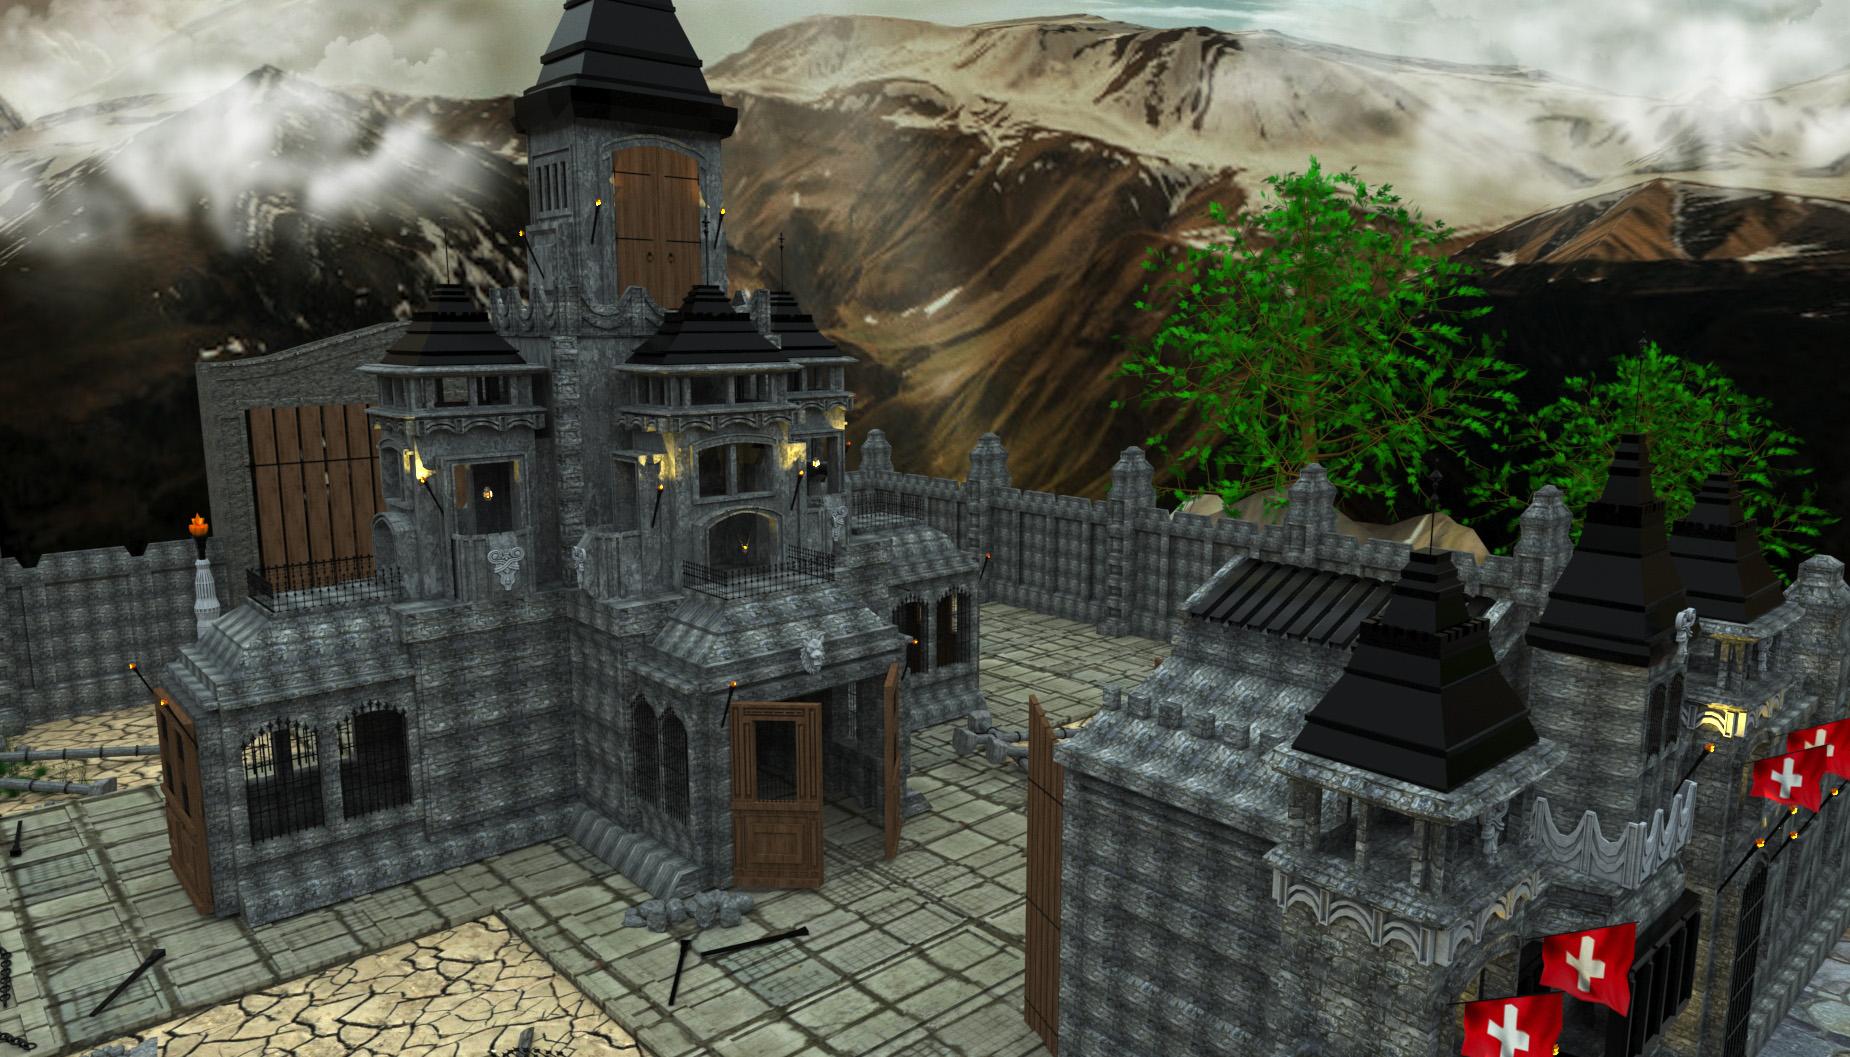 प्राचीन महल 3d max vray 3.0 में प्रस्तुत छवि